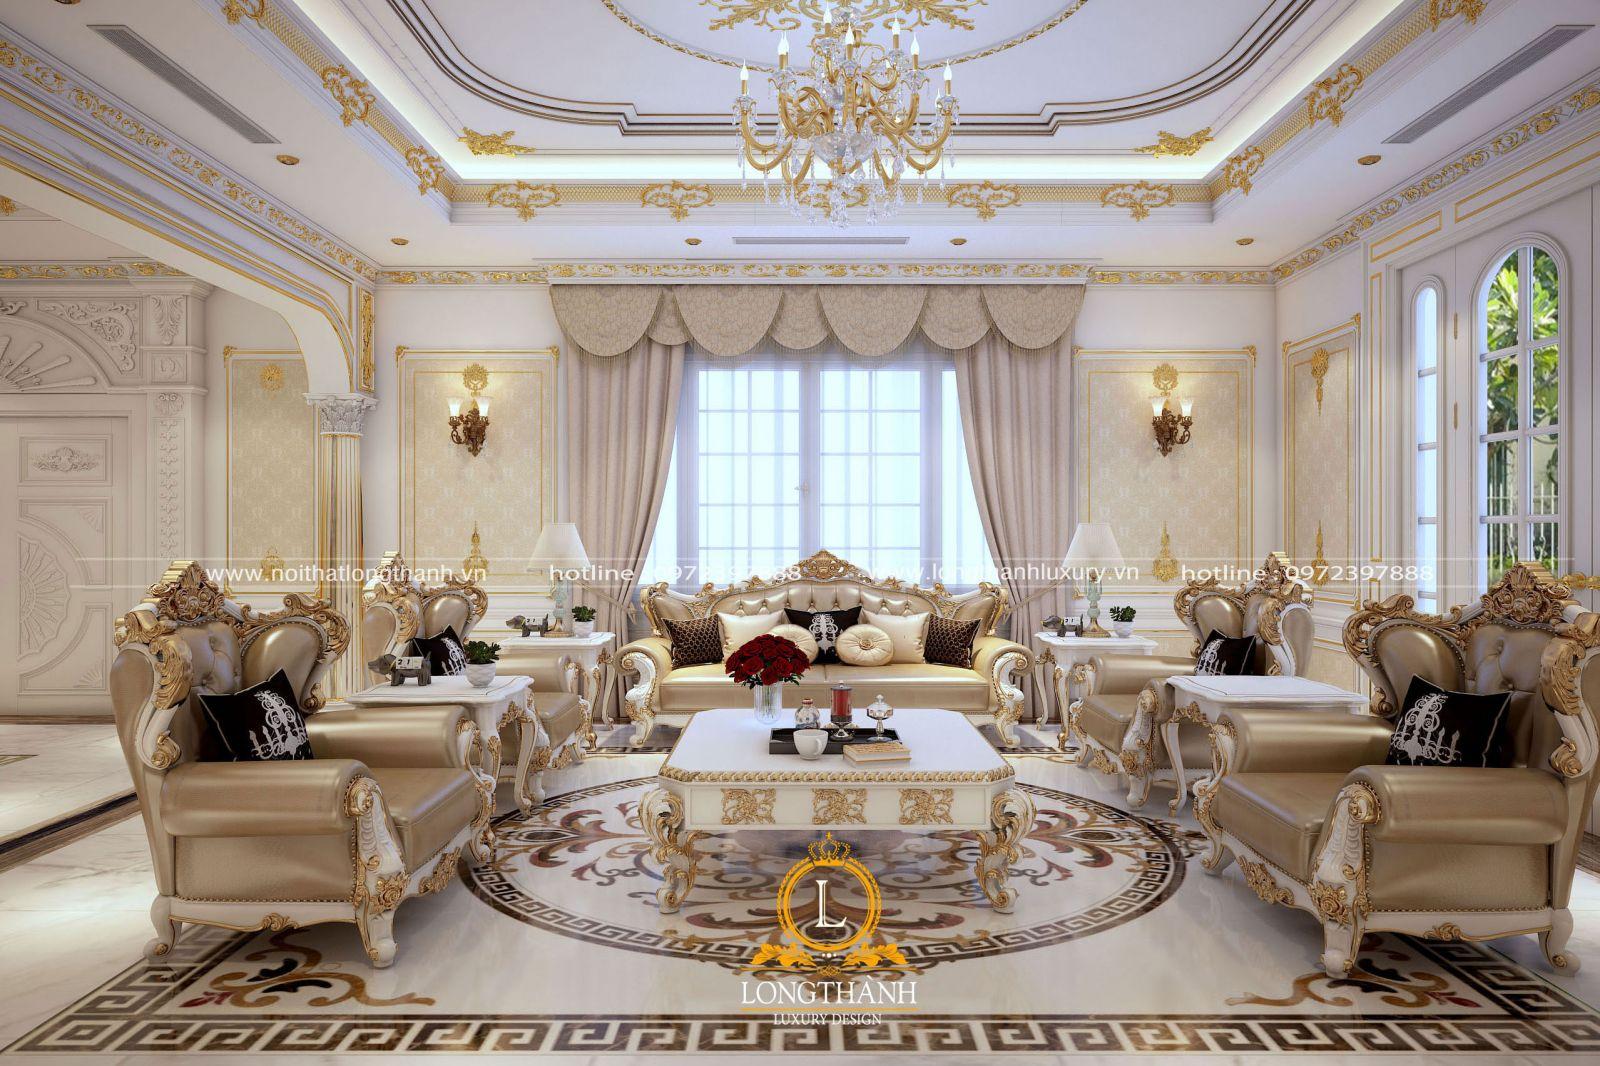 Đẳng cấp đế vương với mẫu sofa mạ vàng 24K